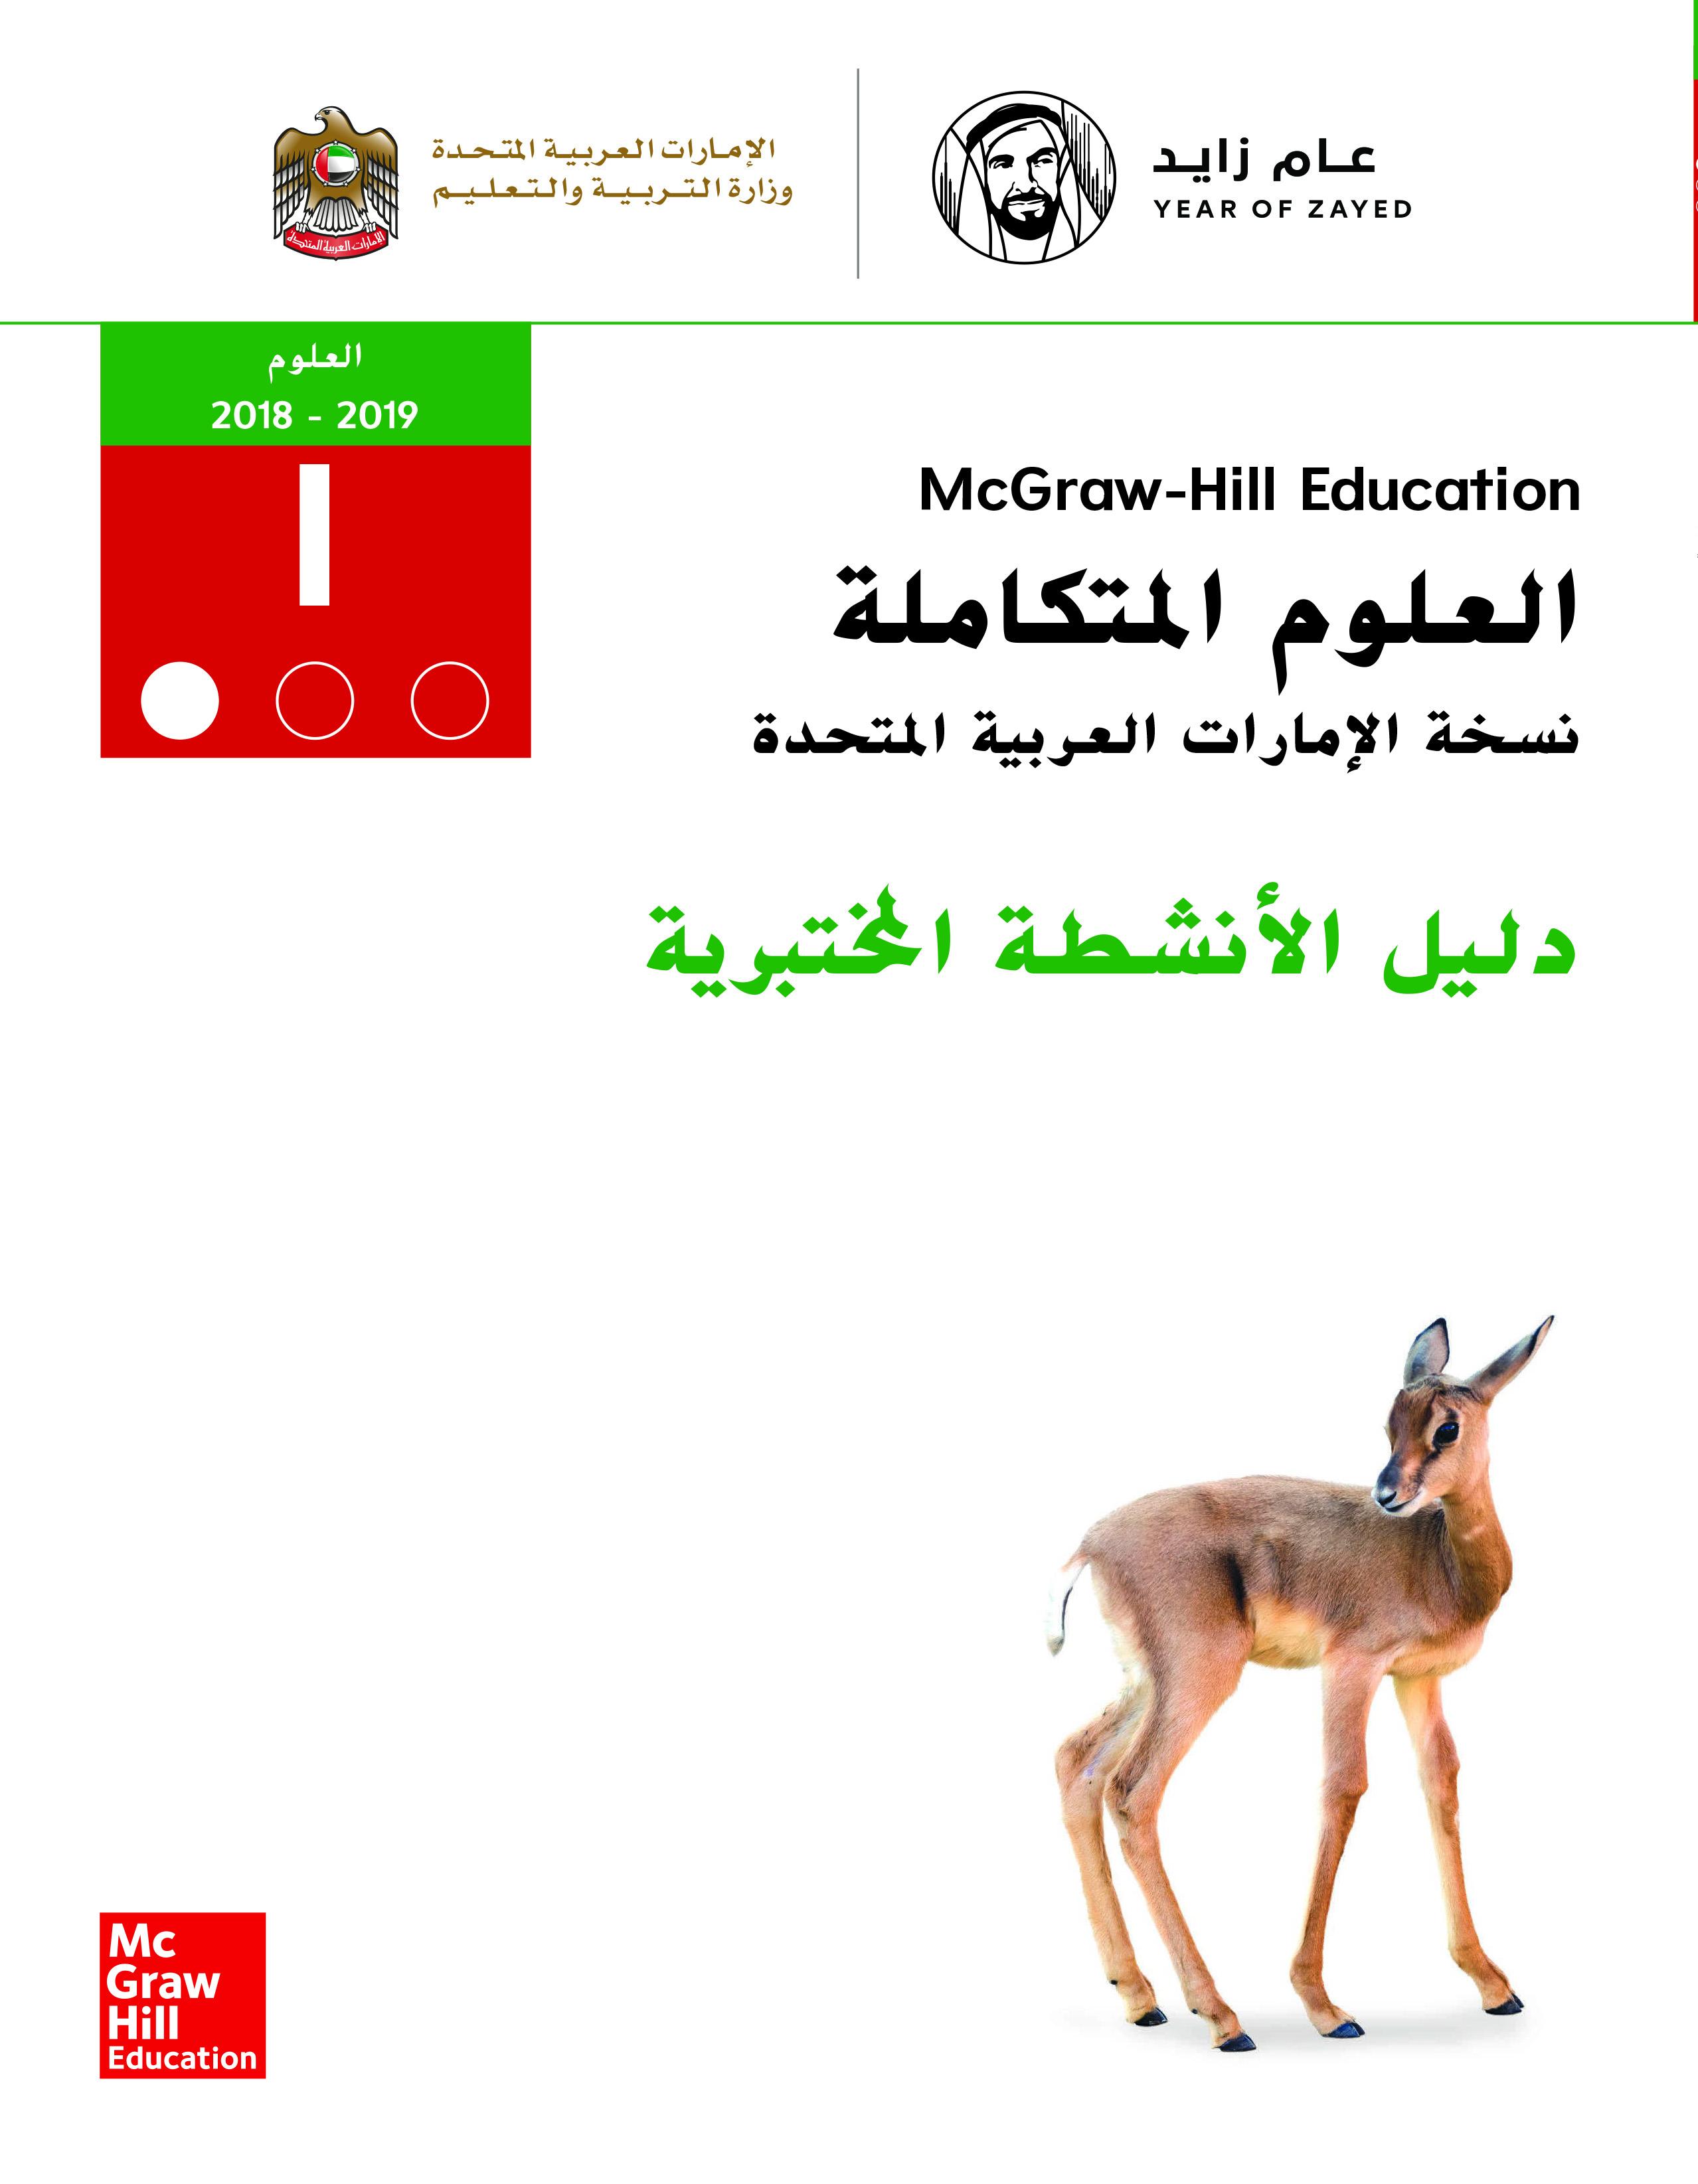 العلوم المتكاملة - دليل الأنشطة المختبرية - كتاب الطالب - الصف الأول - الجزء الأول